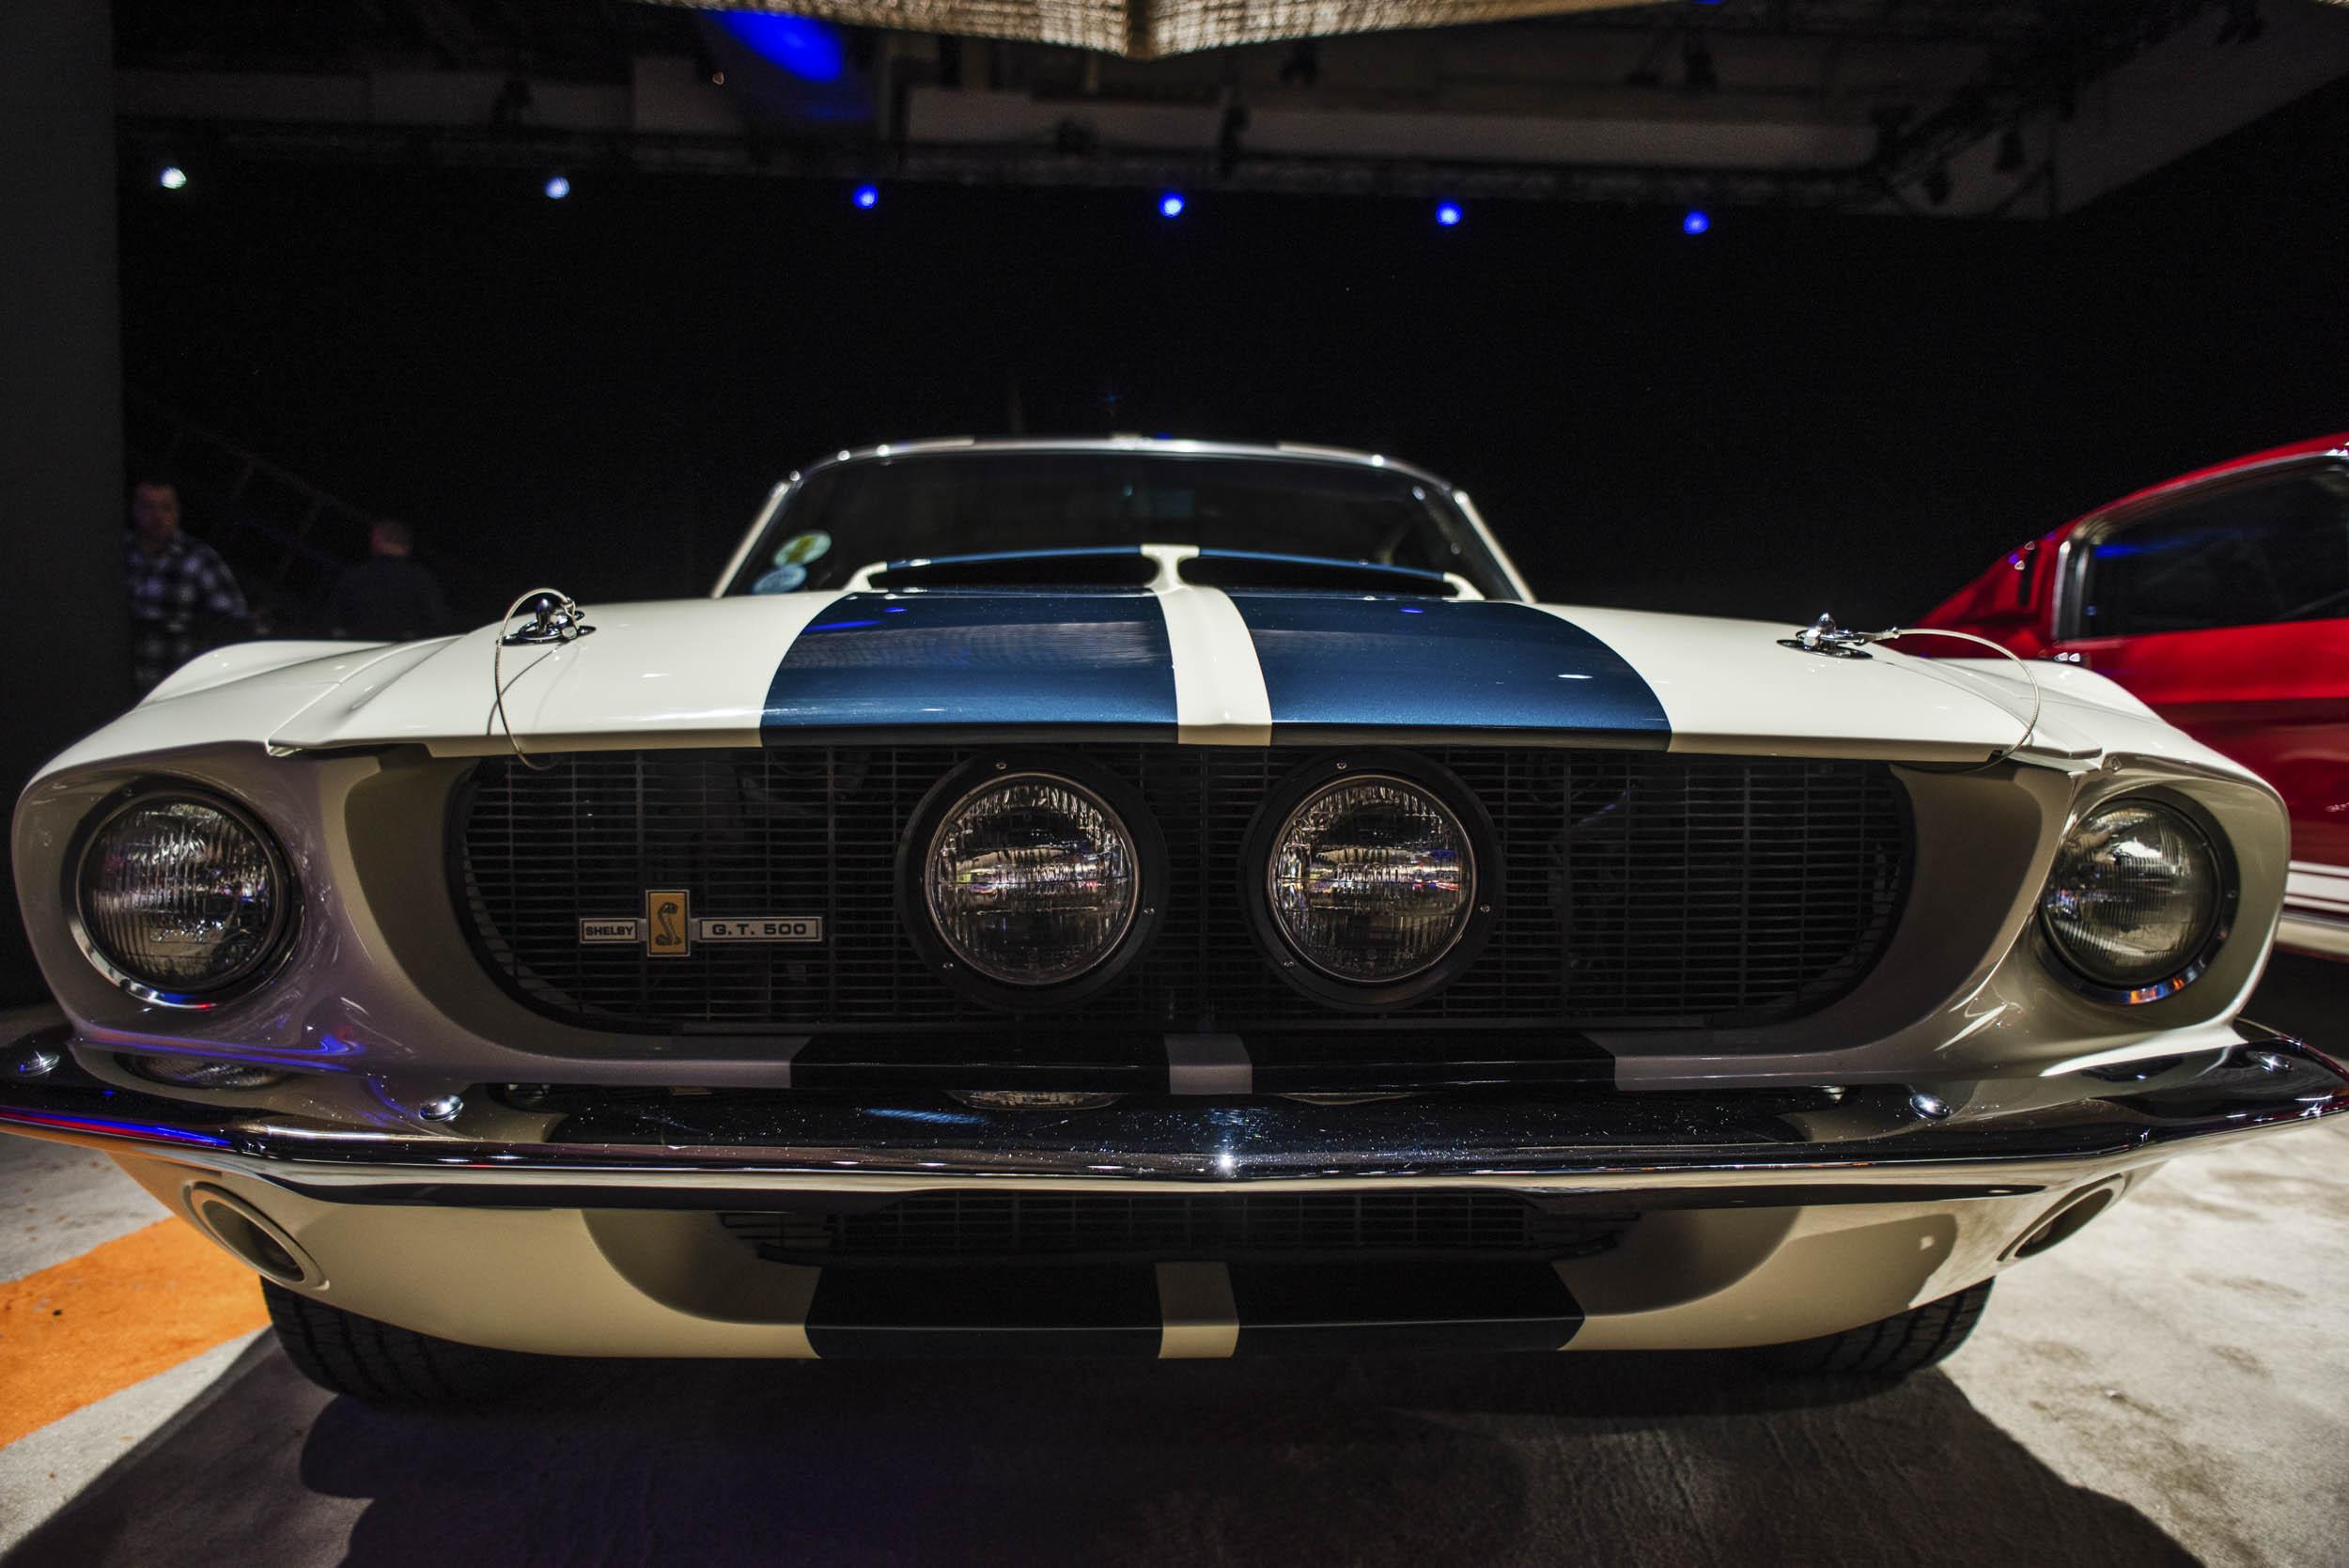 Vintage GT500 front